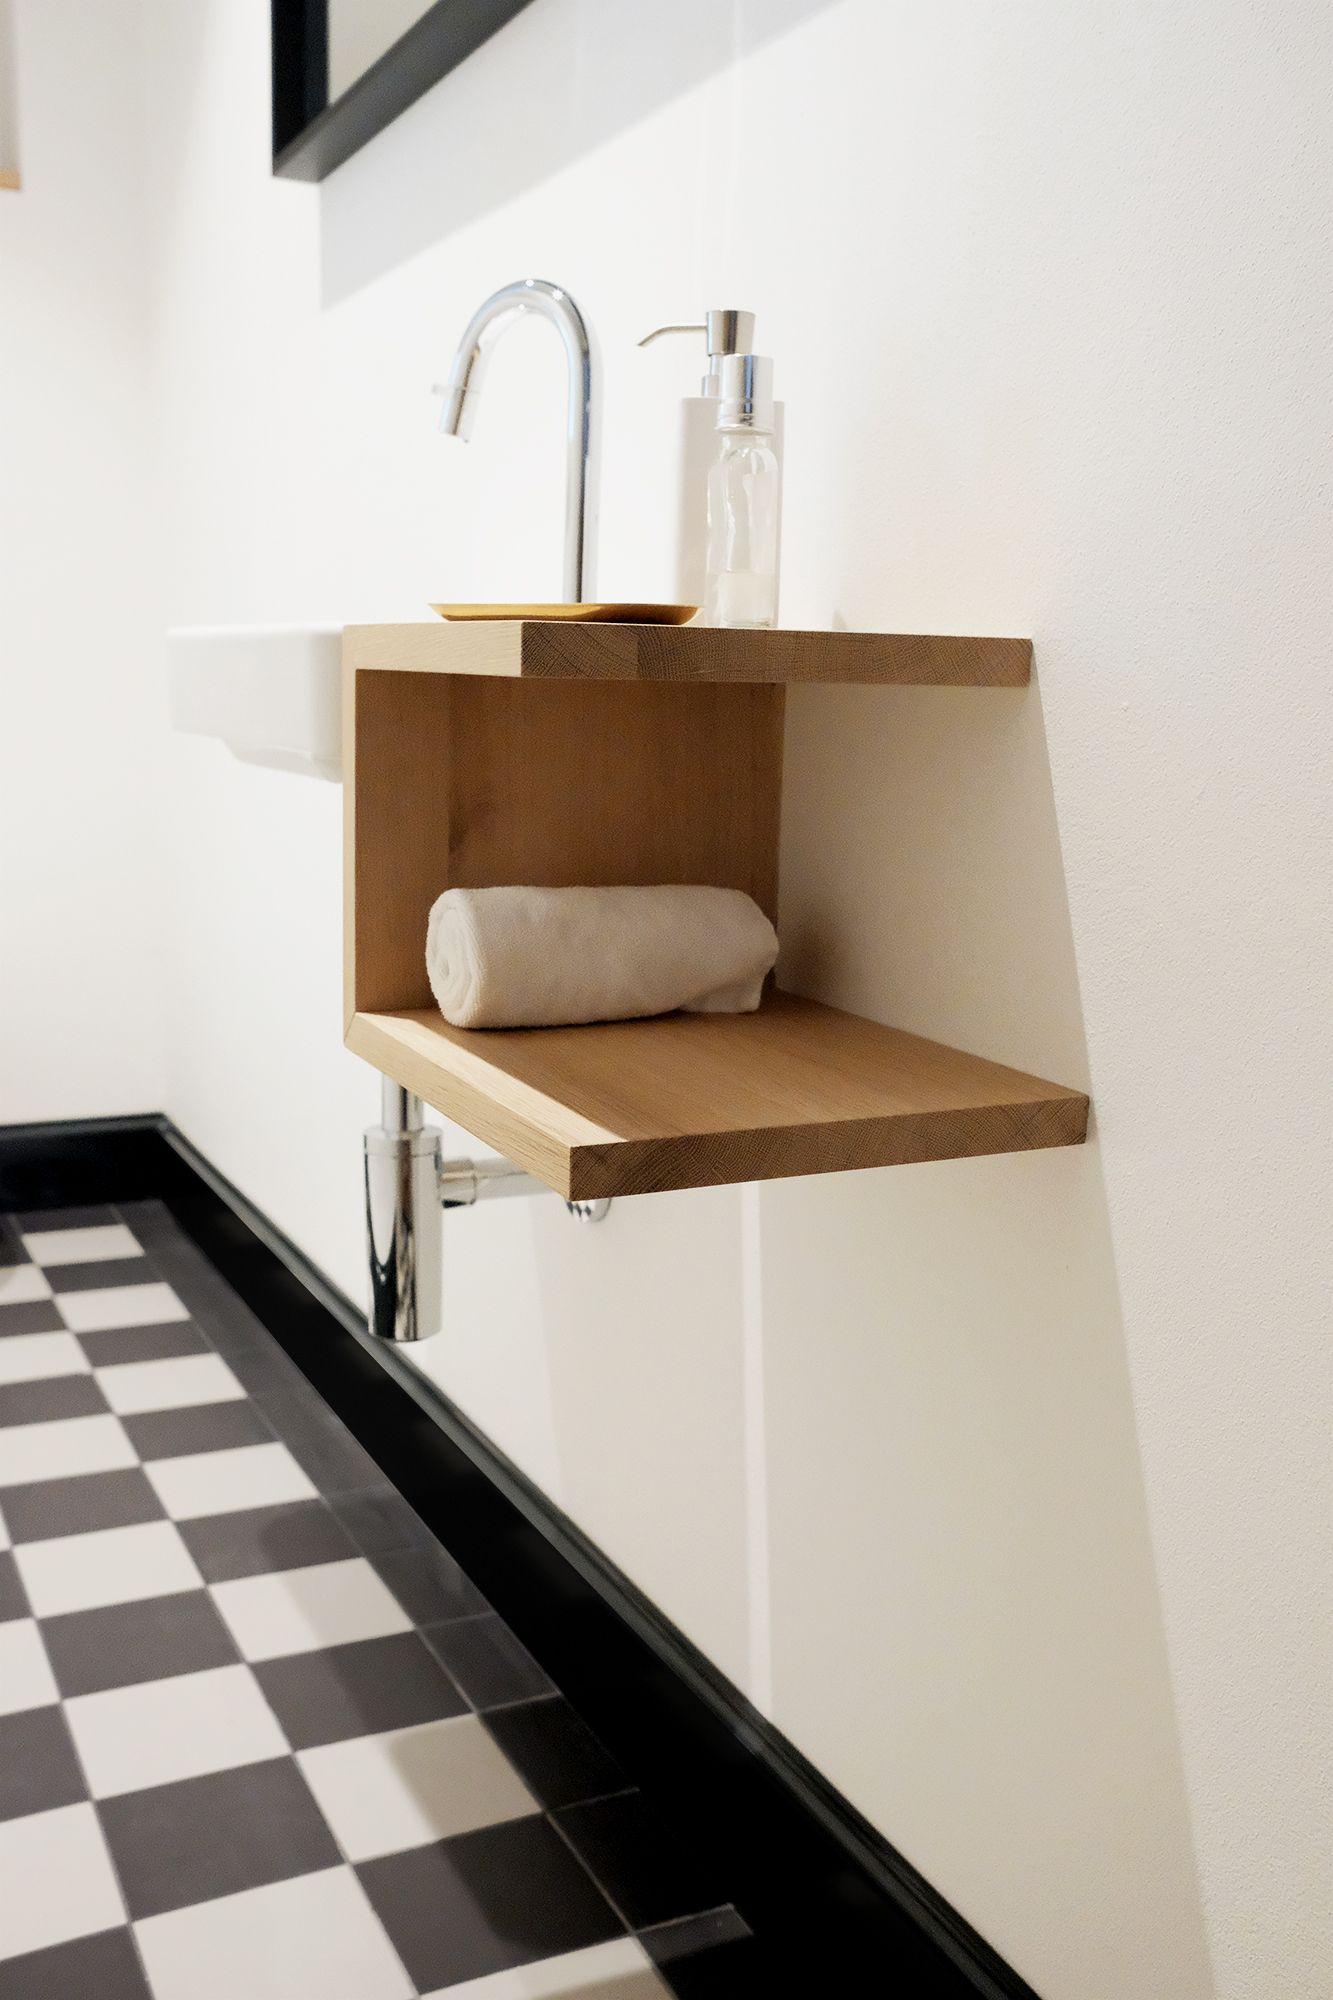 Praktische Ablage Zum Waschbecken Aus Massiver Eiche Badezimmer Ablage Badezimmer Waschbecken